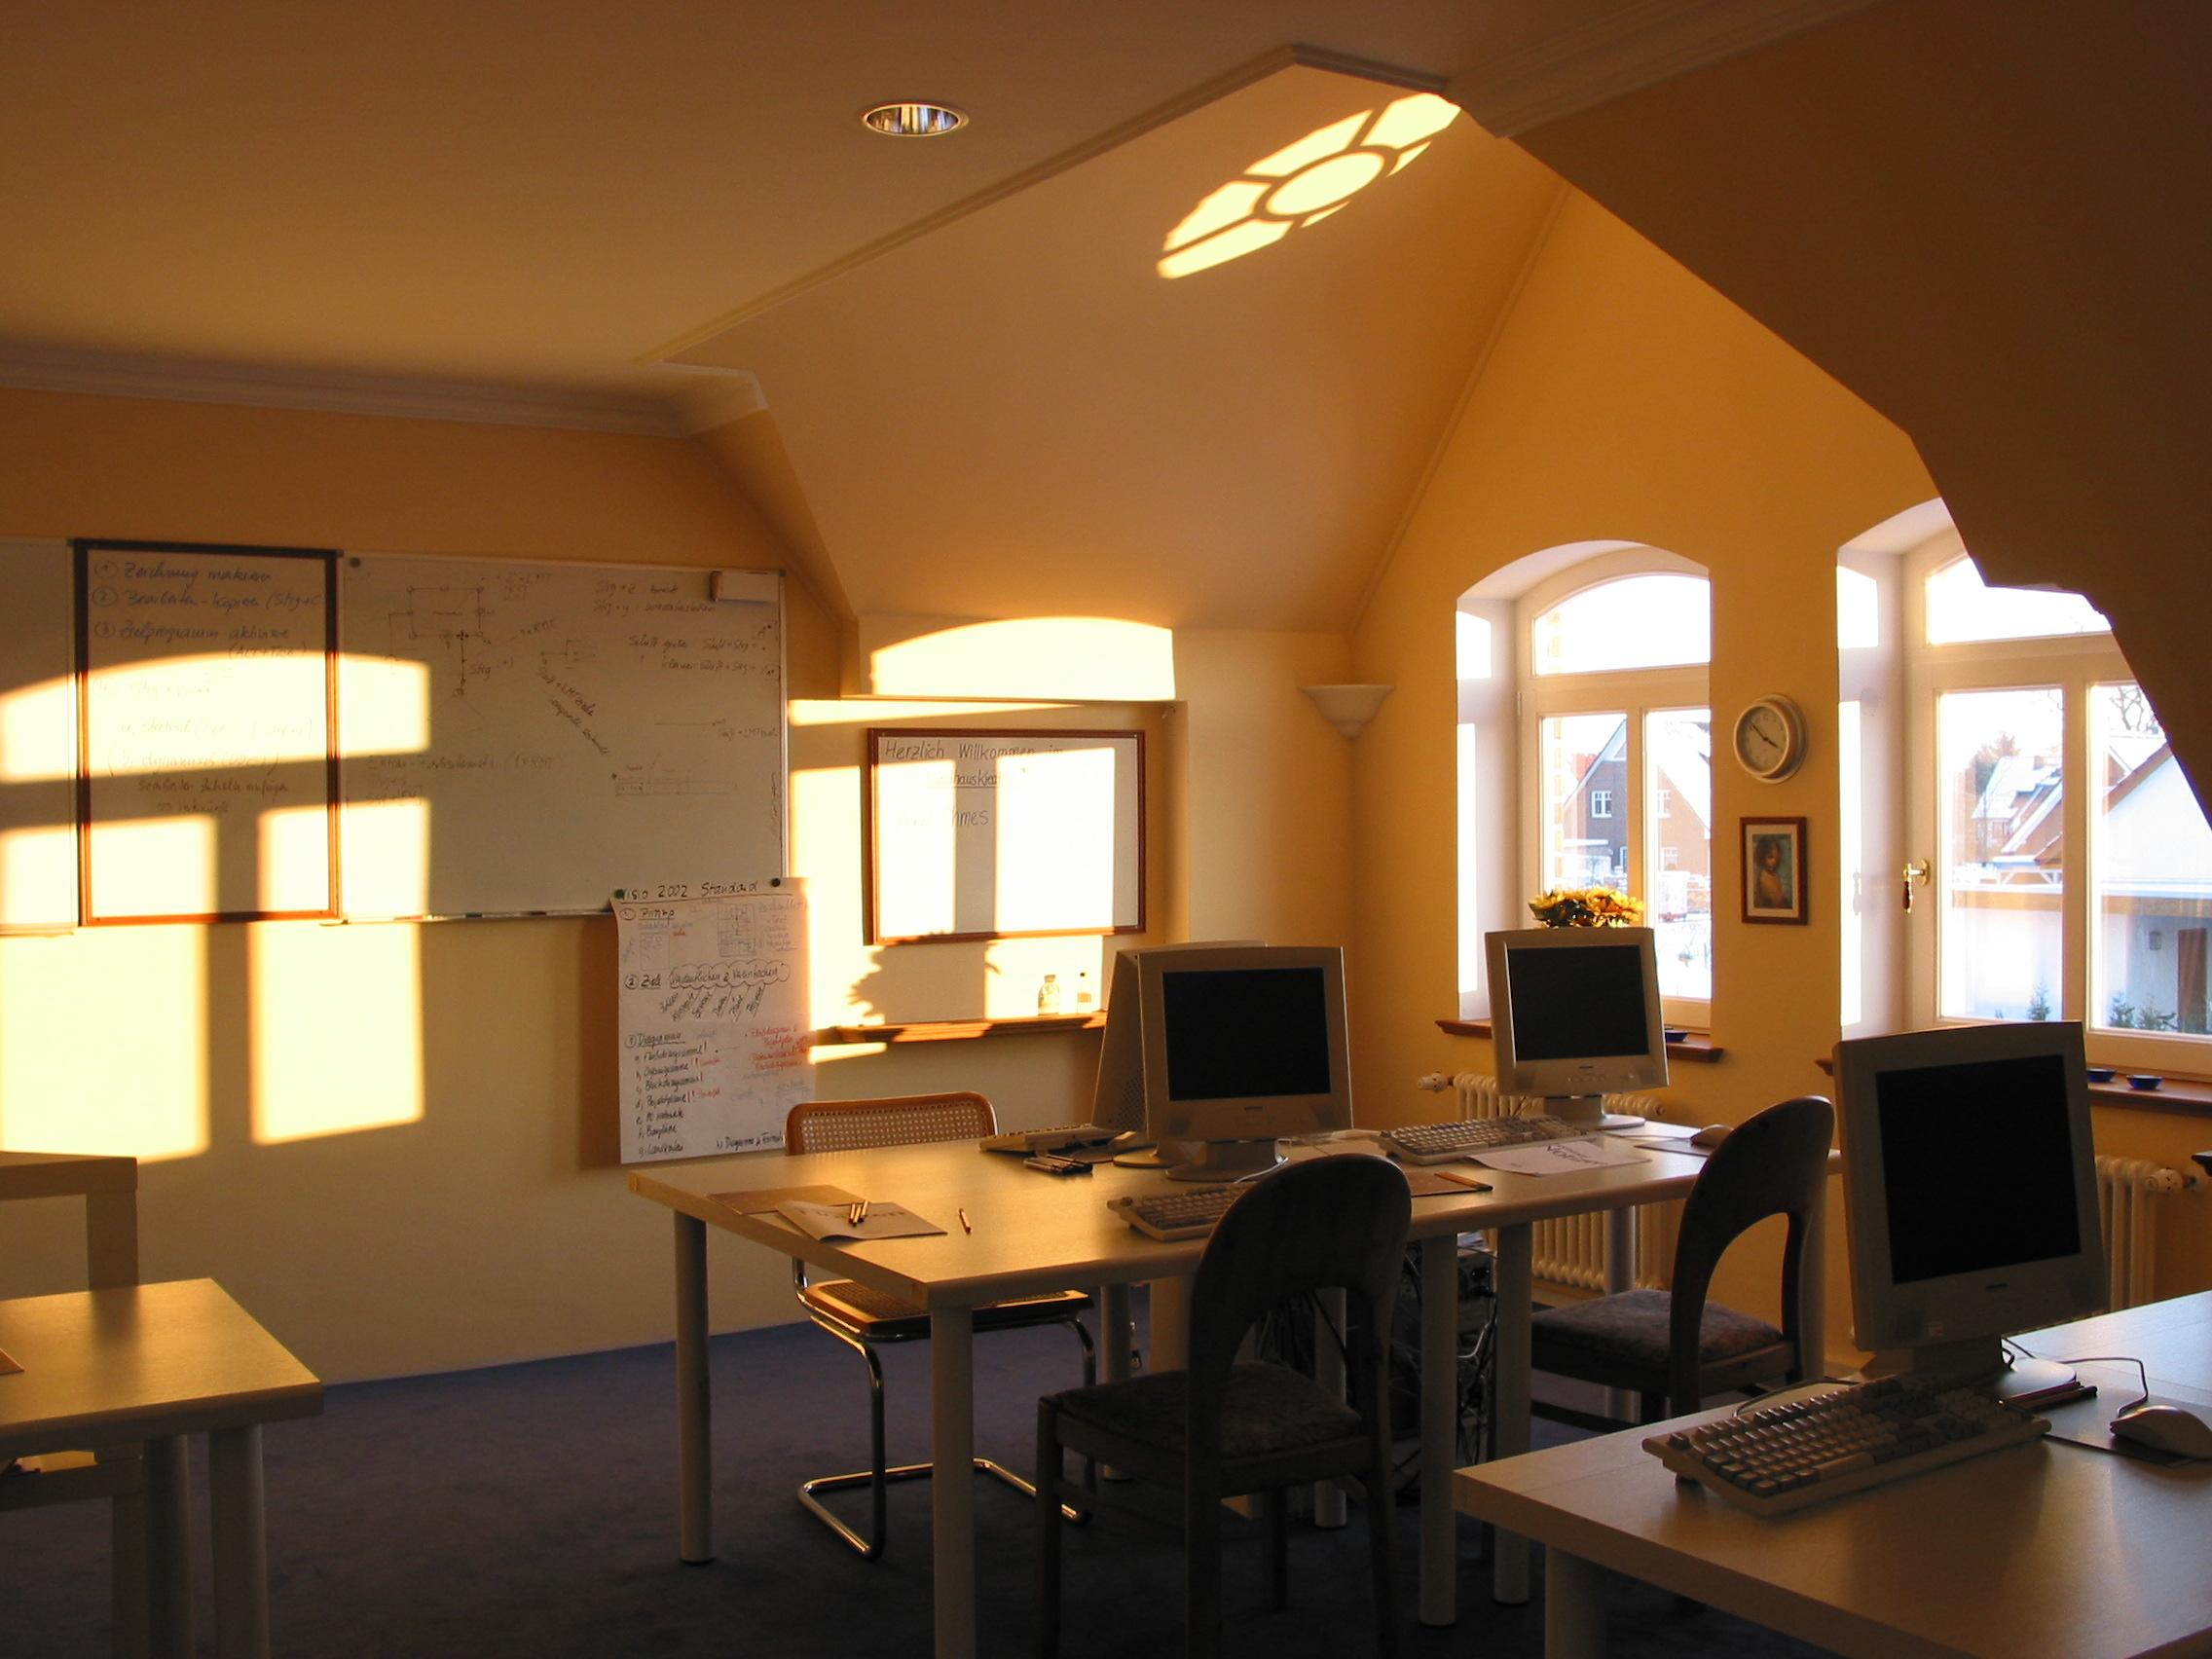 LandhausKreativ Axel Ohmes Seminarhaus PC Schulung Lichtdurchflutet  IT-Seminare Methodenseminare Bremen Oldenburg Hannover Hamburg